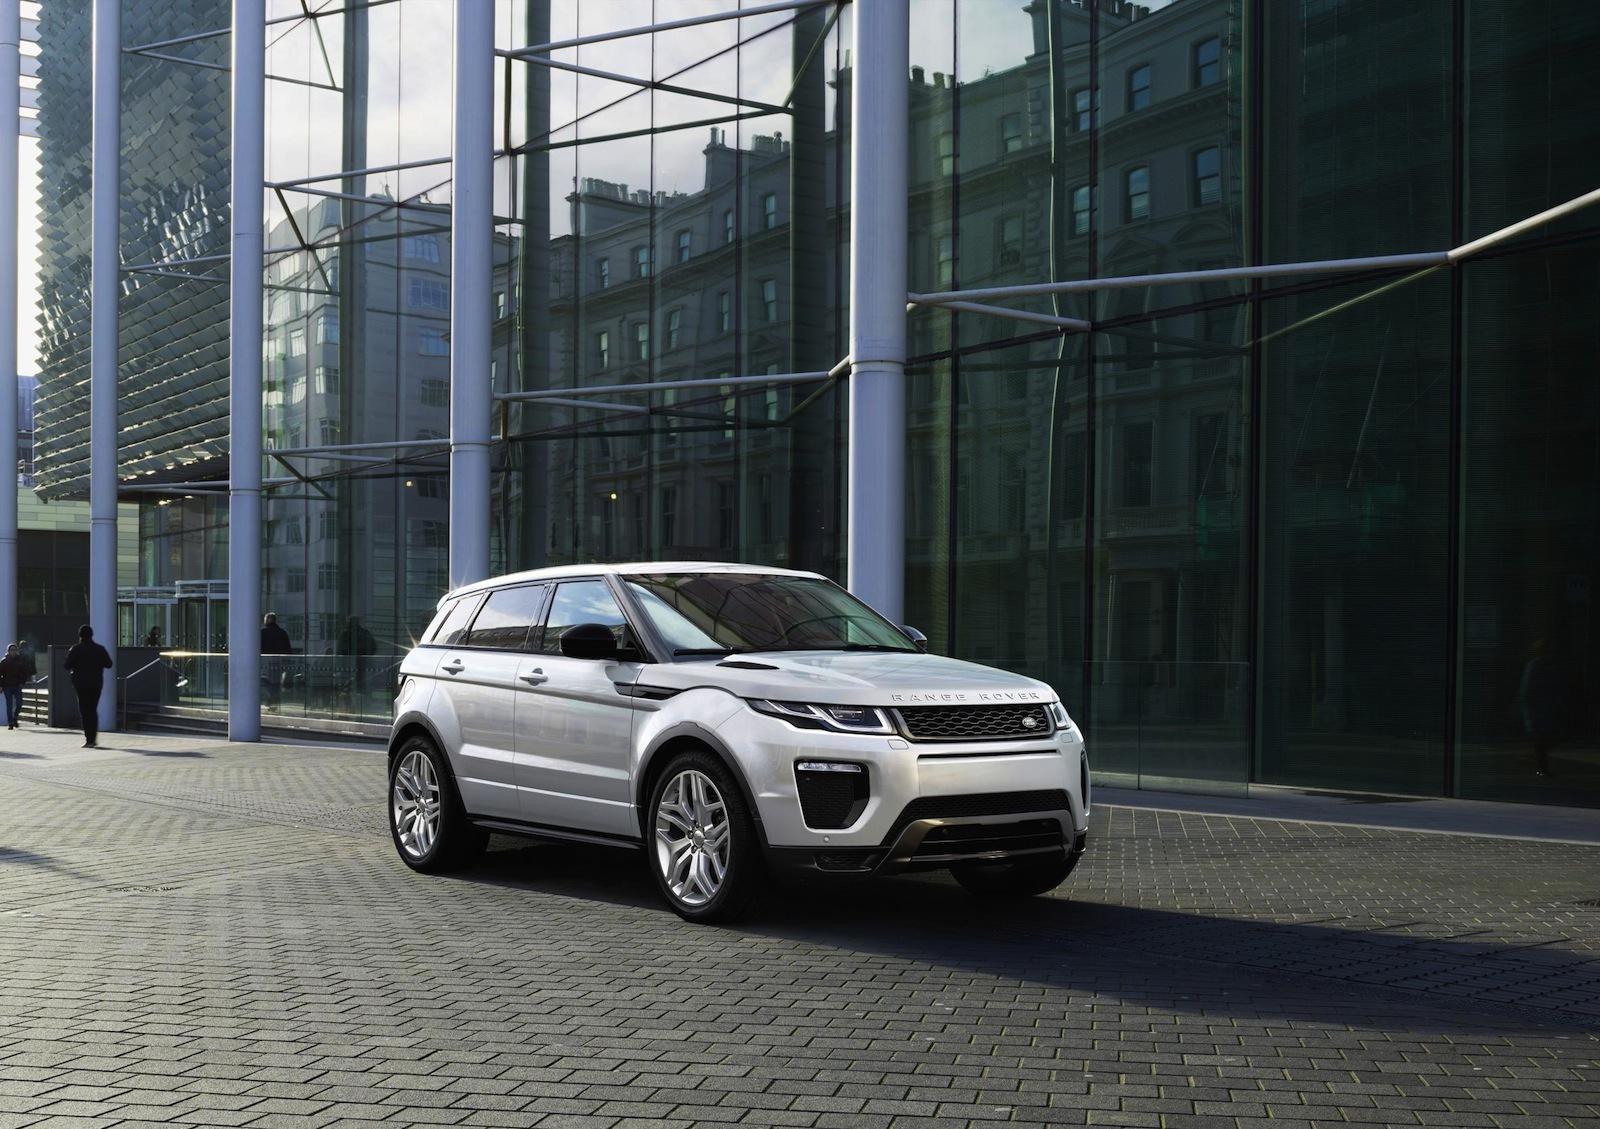 После обновления Range Rover Evoque стал самой экономичной моделью бренда